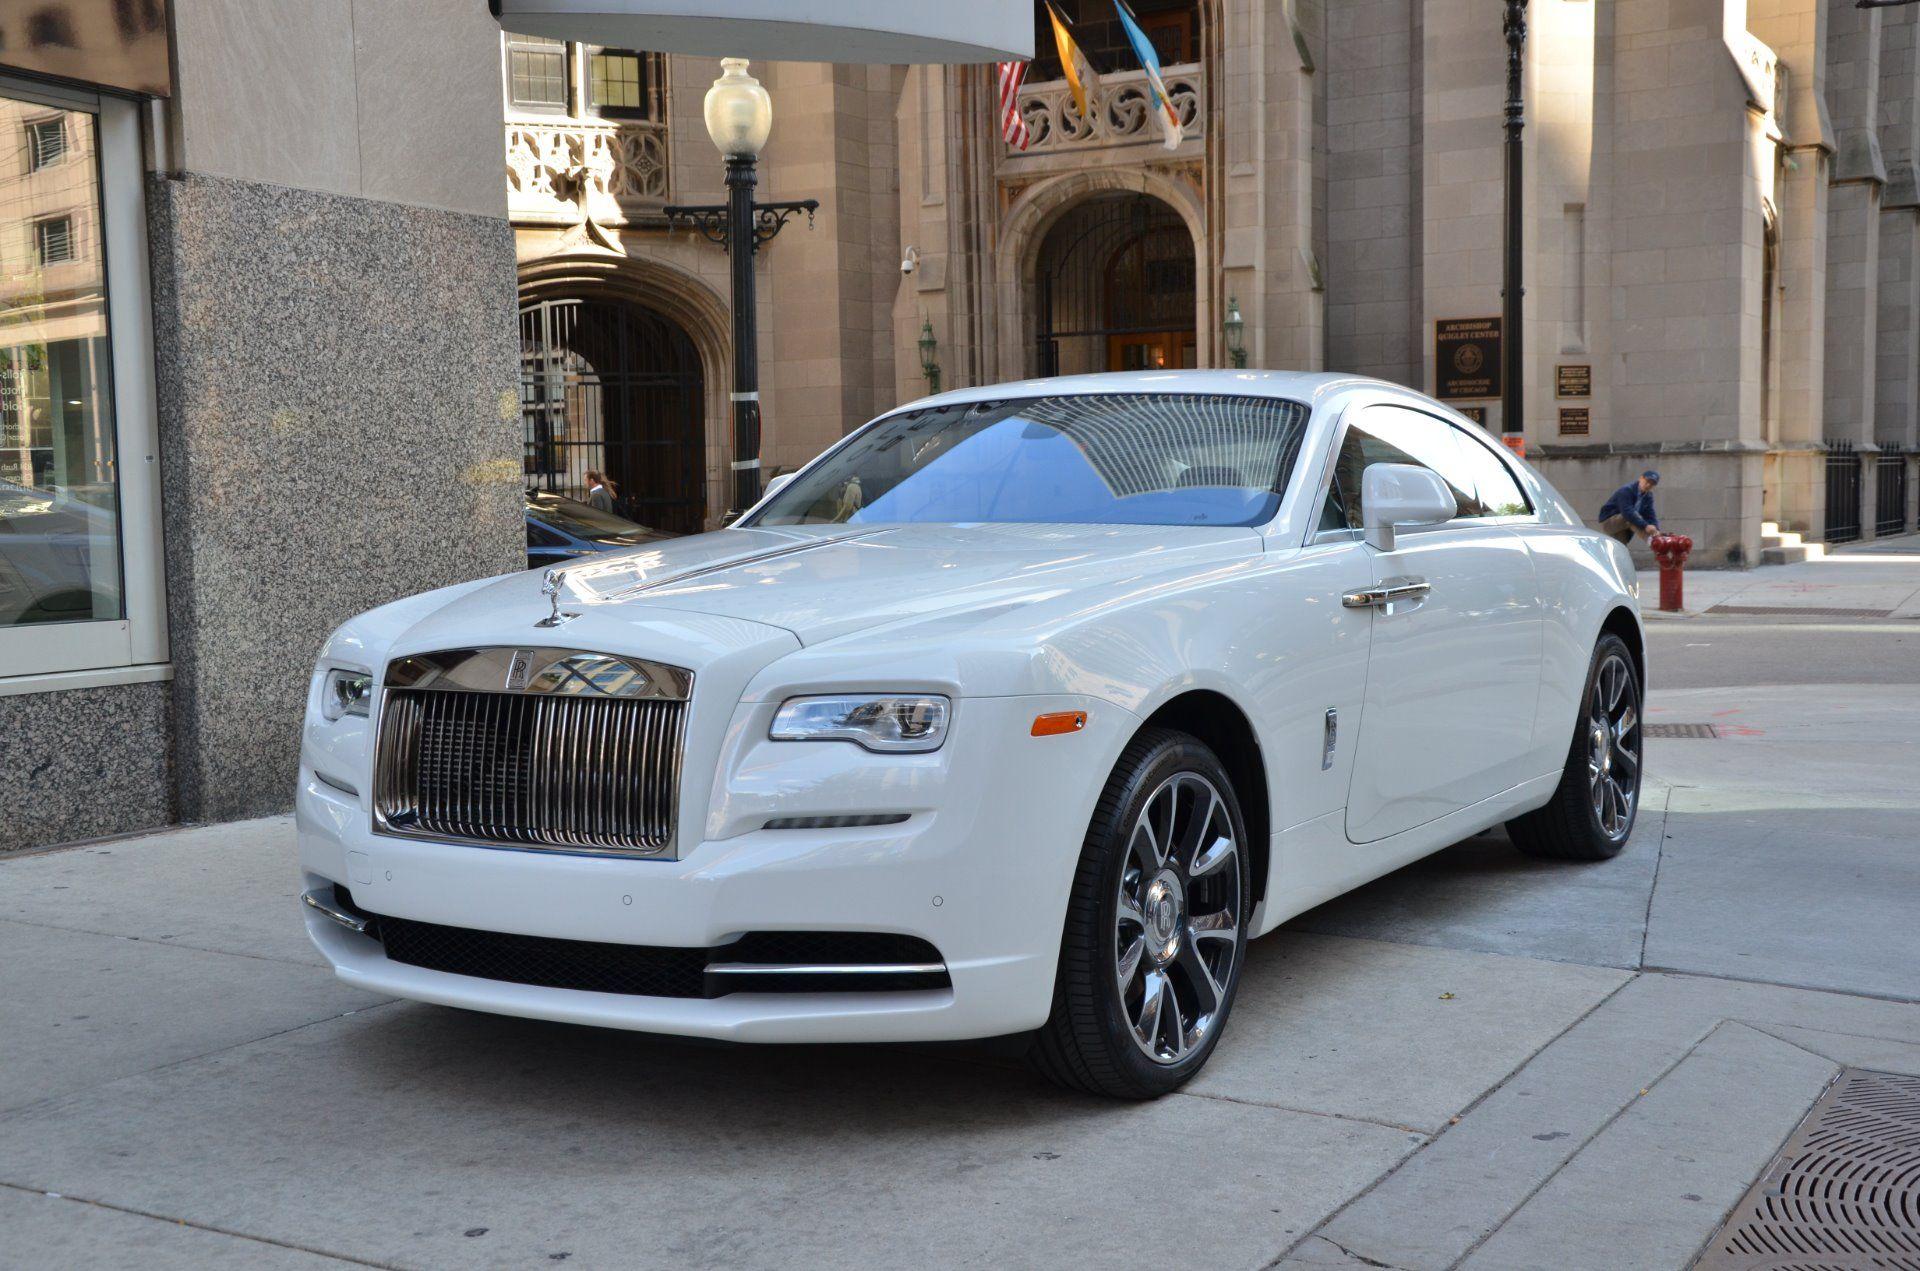 Pin By Scott Brawley On Rolls Royce In 2020 Rolls Royce Wraith White Rolls Royce Rolls Royce